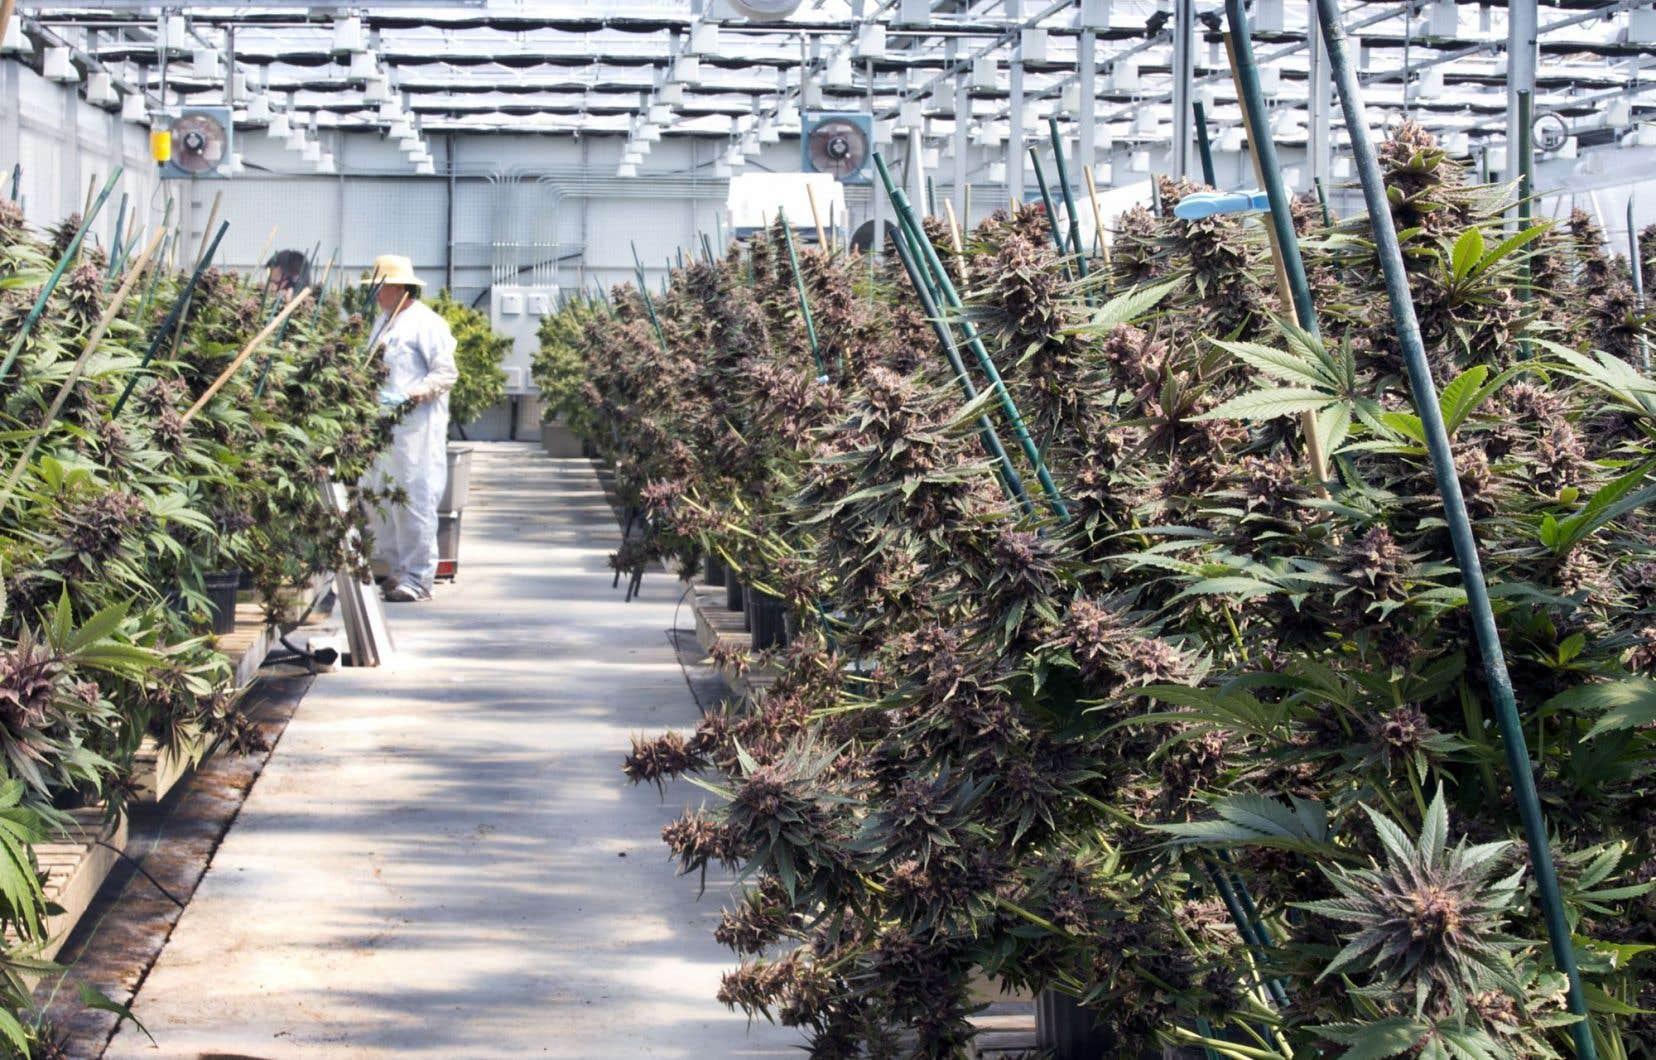 À l'heure actuelle, le Québec compte un seul producteur autorisé de cannabis médical, Hydropothicaire, dont les serres sont en Outaouais. Les choses pourraient rapidement changer avec la légalisation de la marijuana récréative.